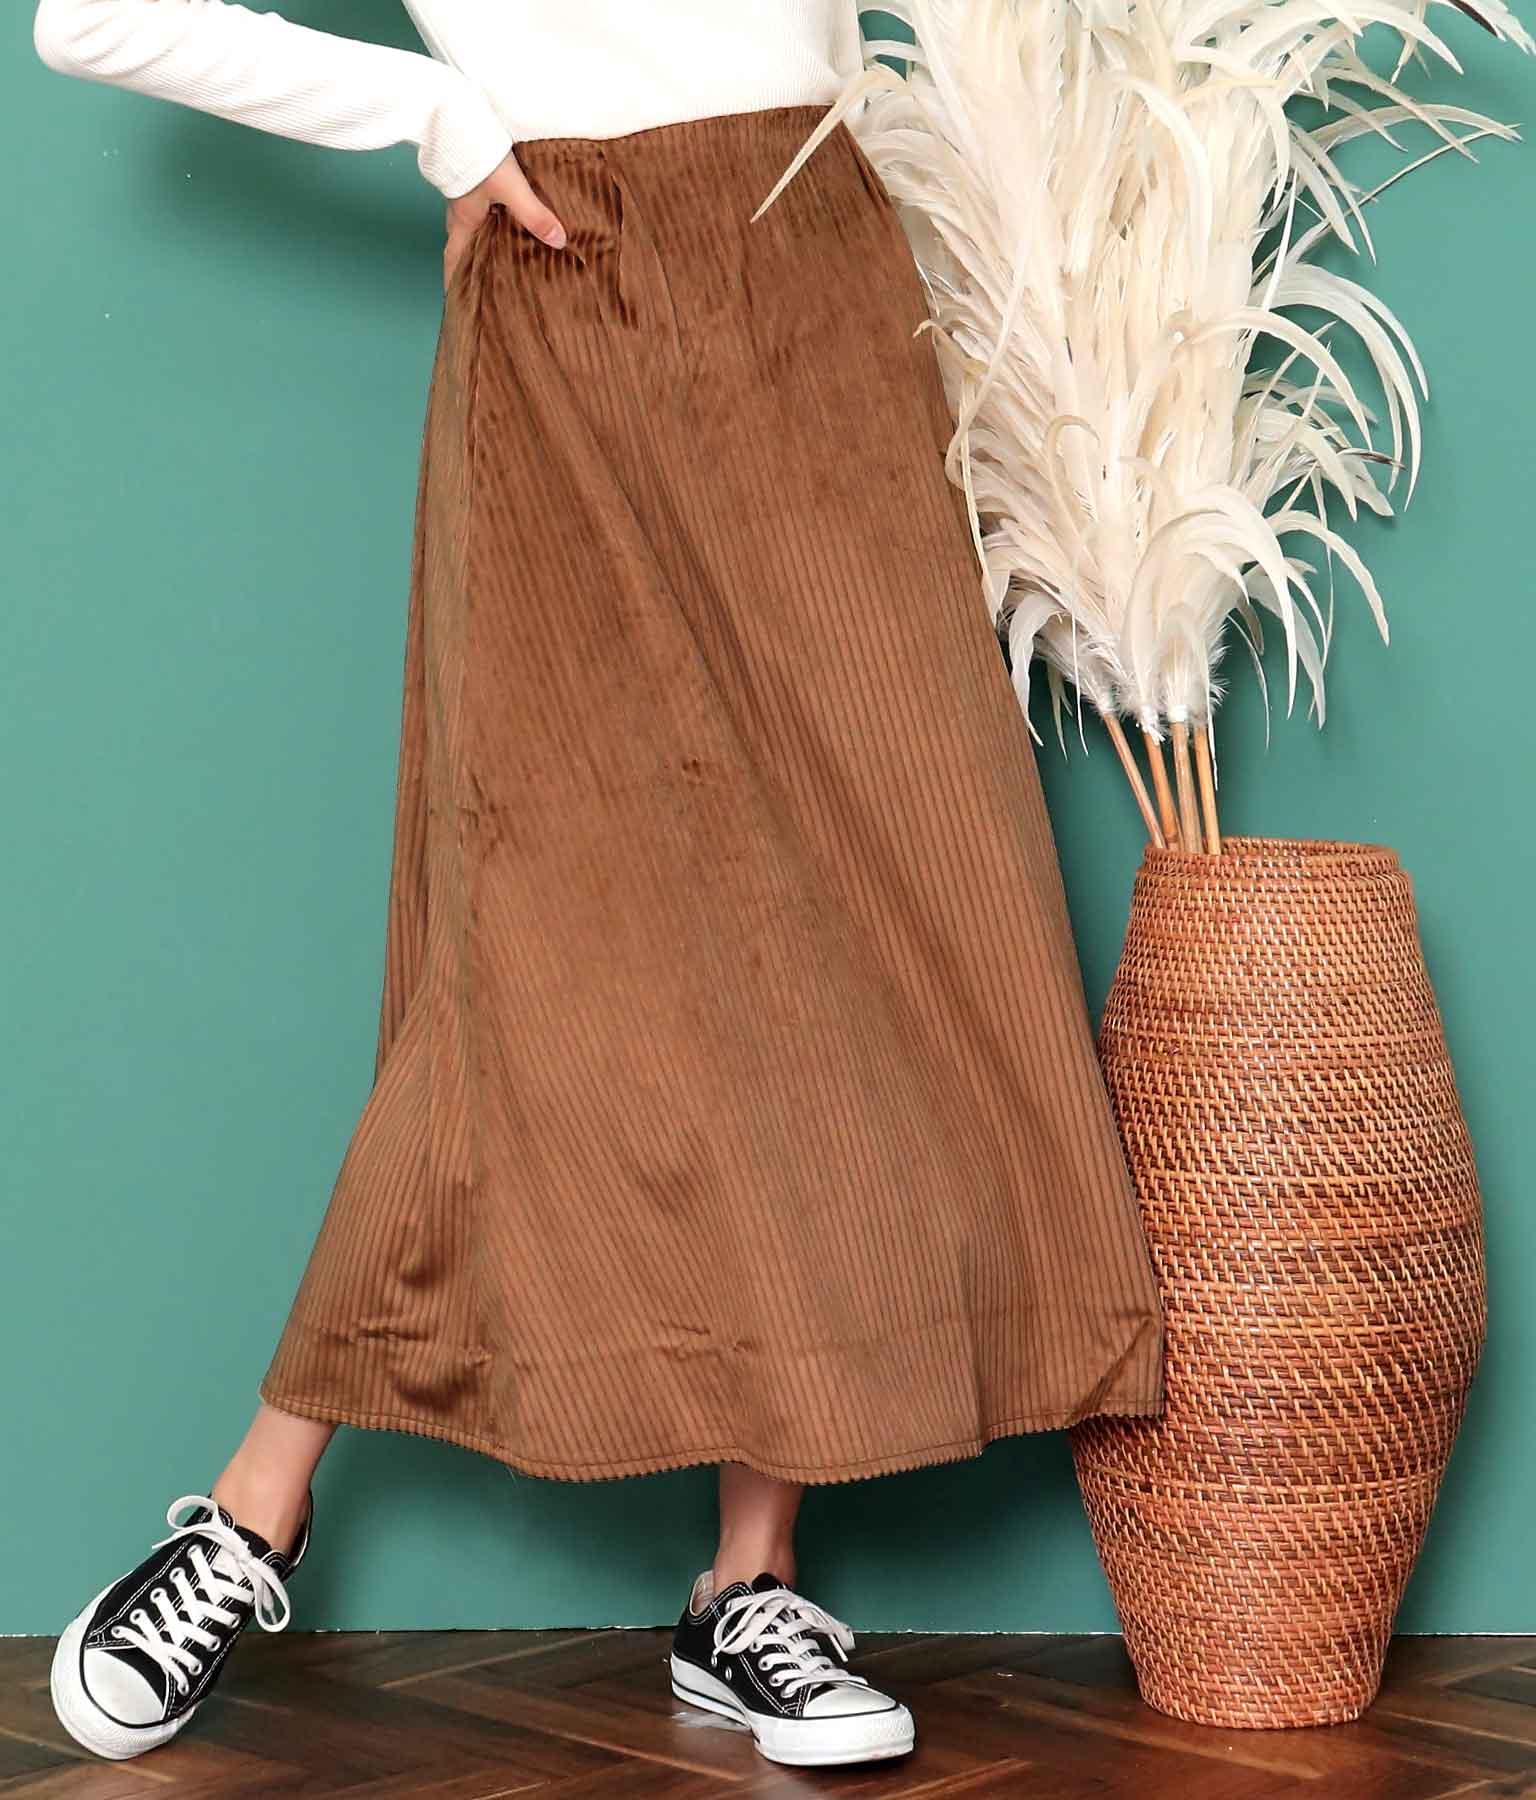 茶色フレアロングスカートに黒スニーカーを合わせている女性